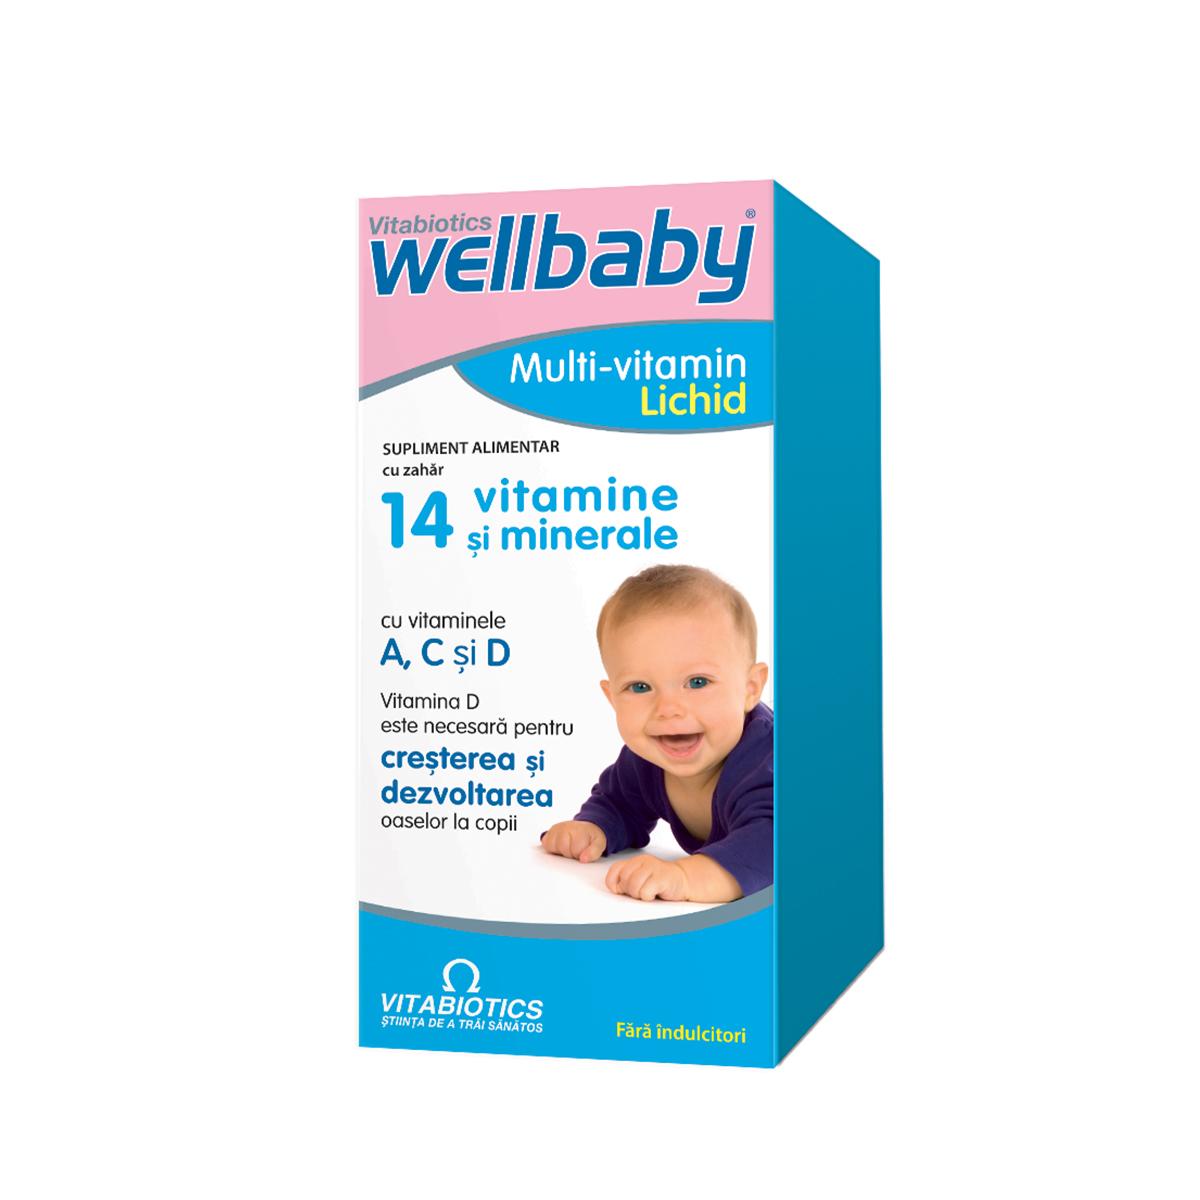 Sirop cu 14 vitamine si minerale WellBaby, 150 ml, Vitabiotics